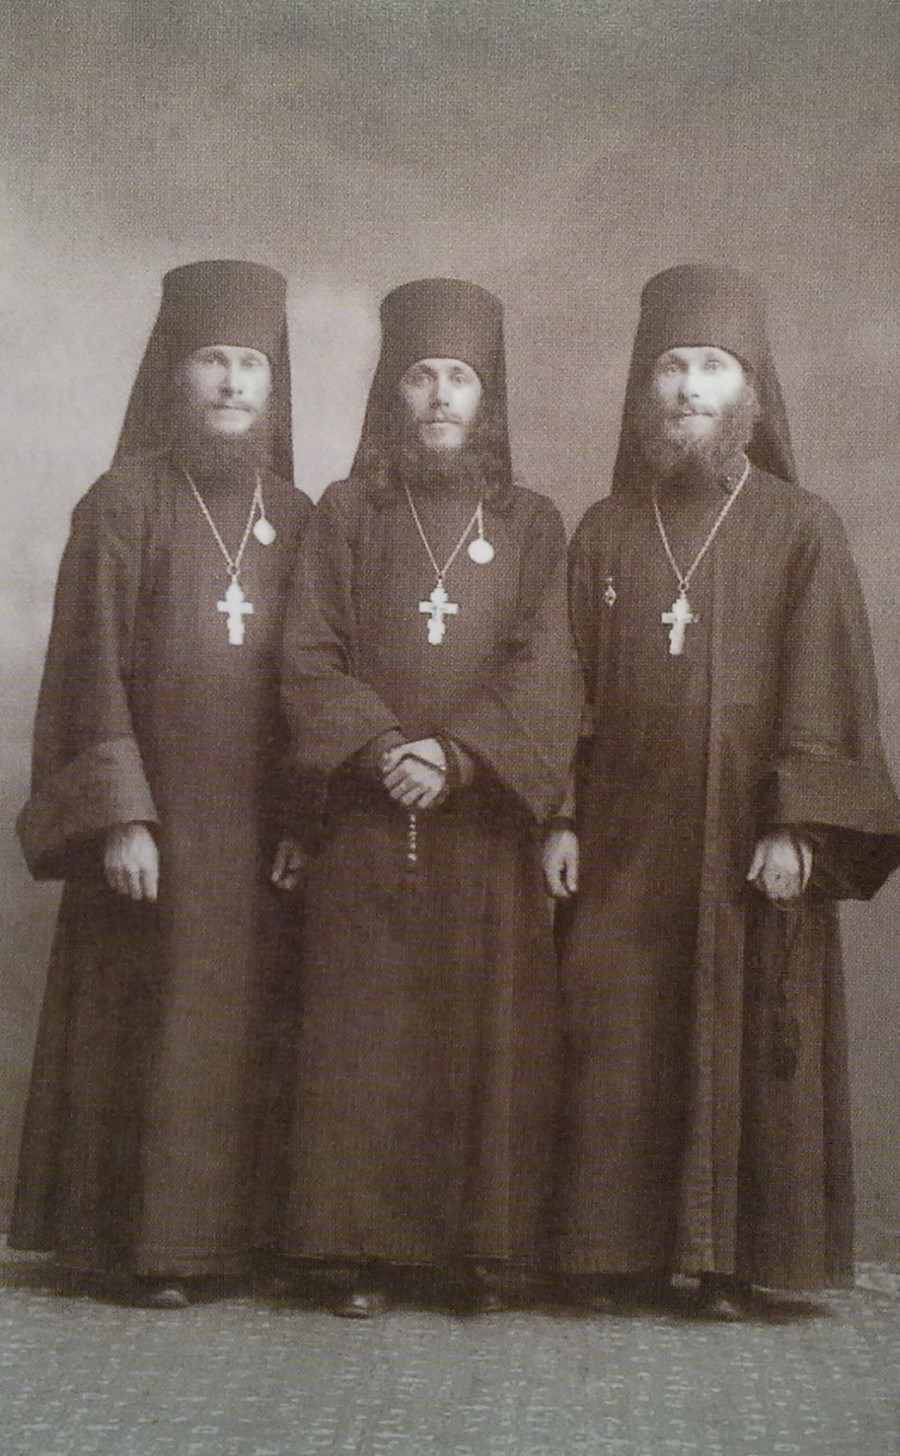 Слева направо: иеромонах Гурий, иеромонах Иннокентий, иеромонах Лев. 1916 г.